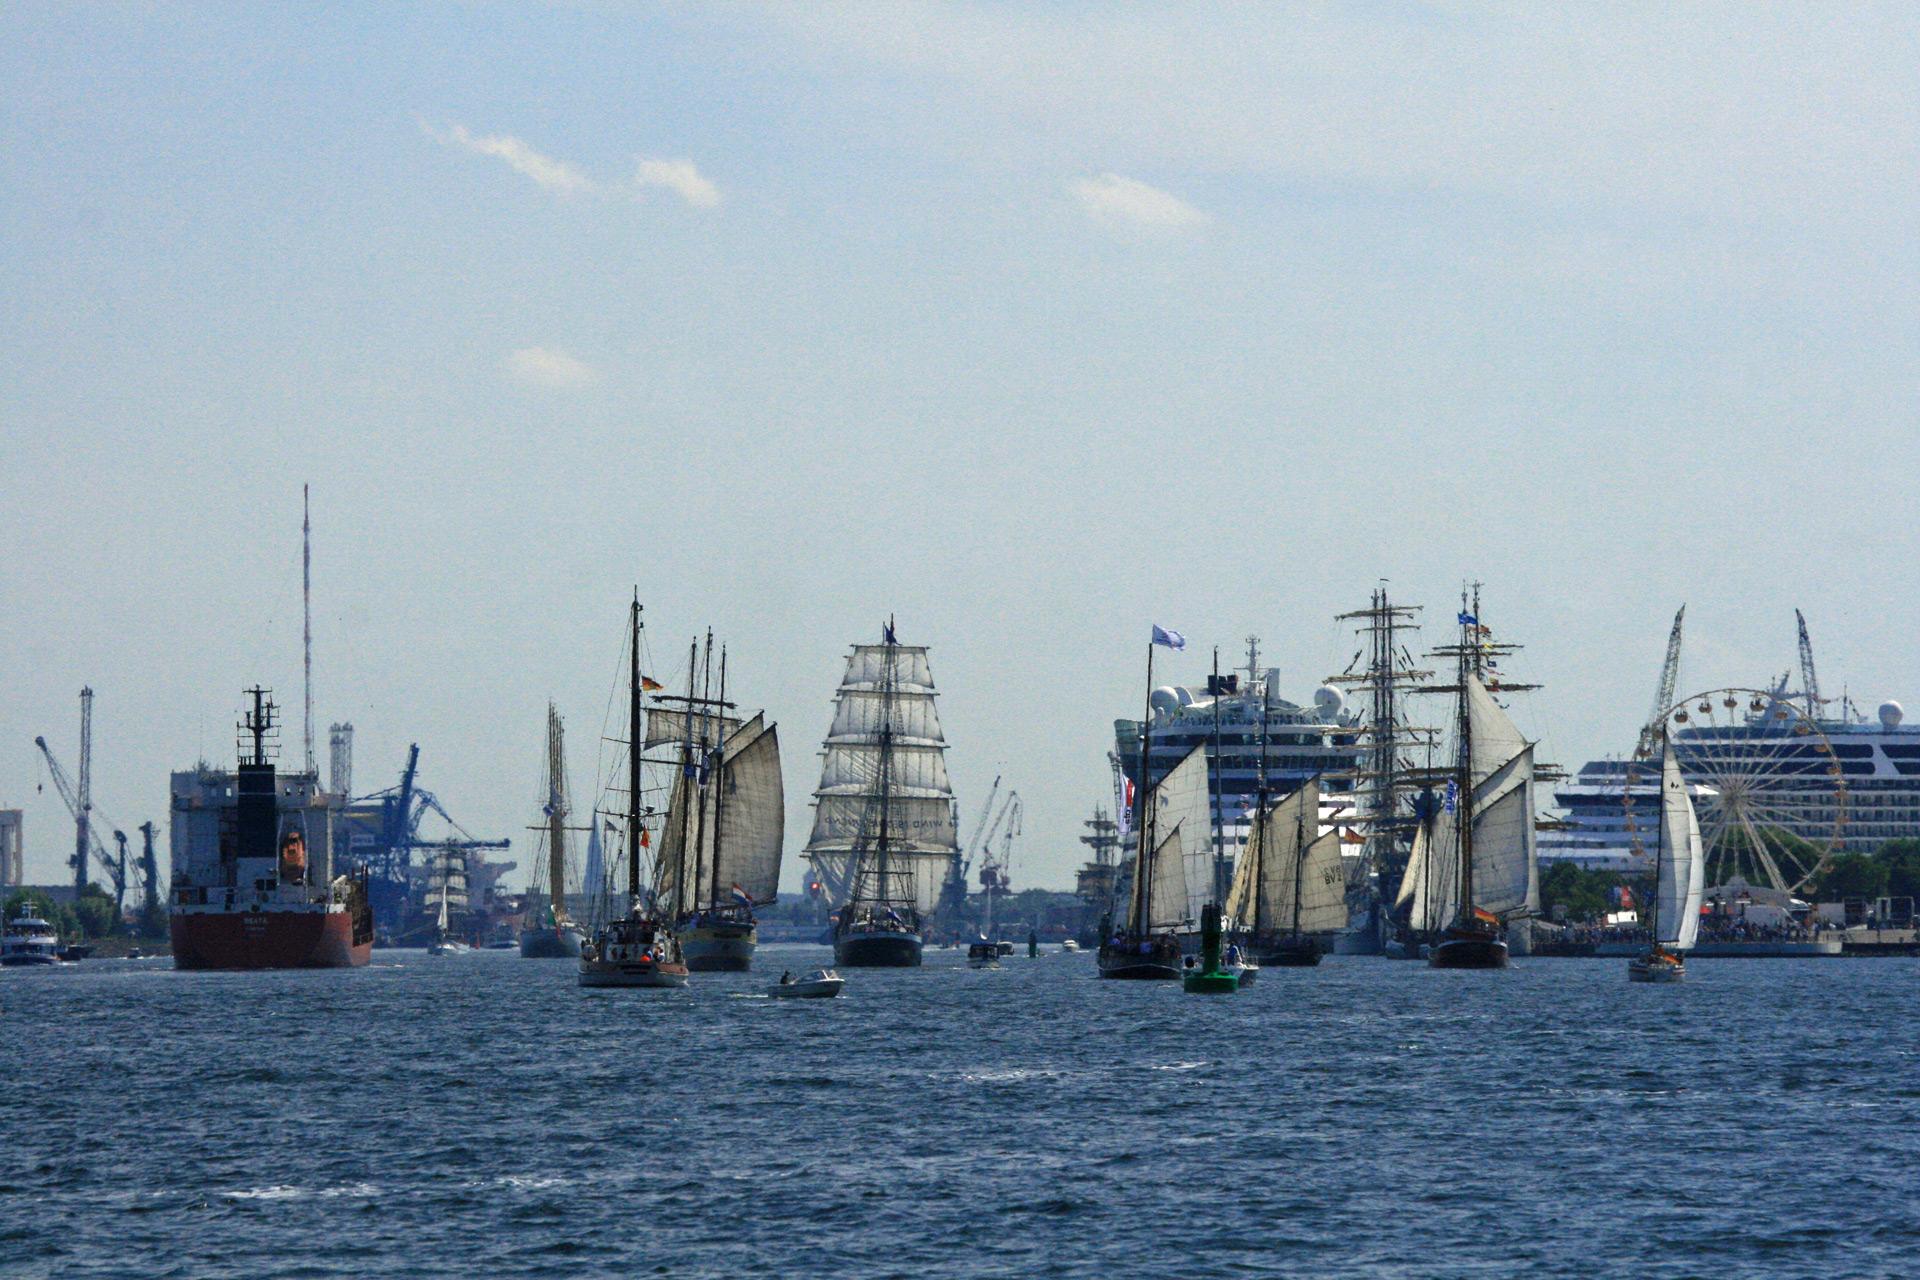 Segelschiffe laufen im Seekanal Warnemünde ein.